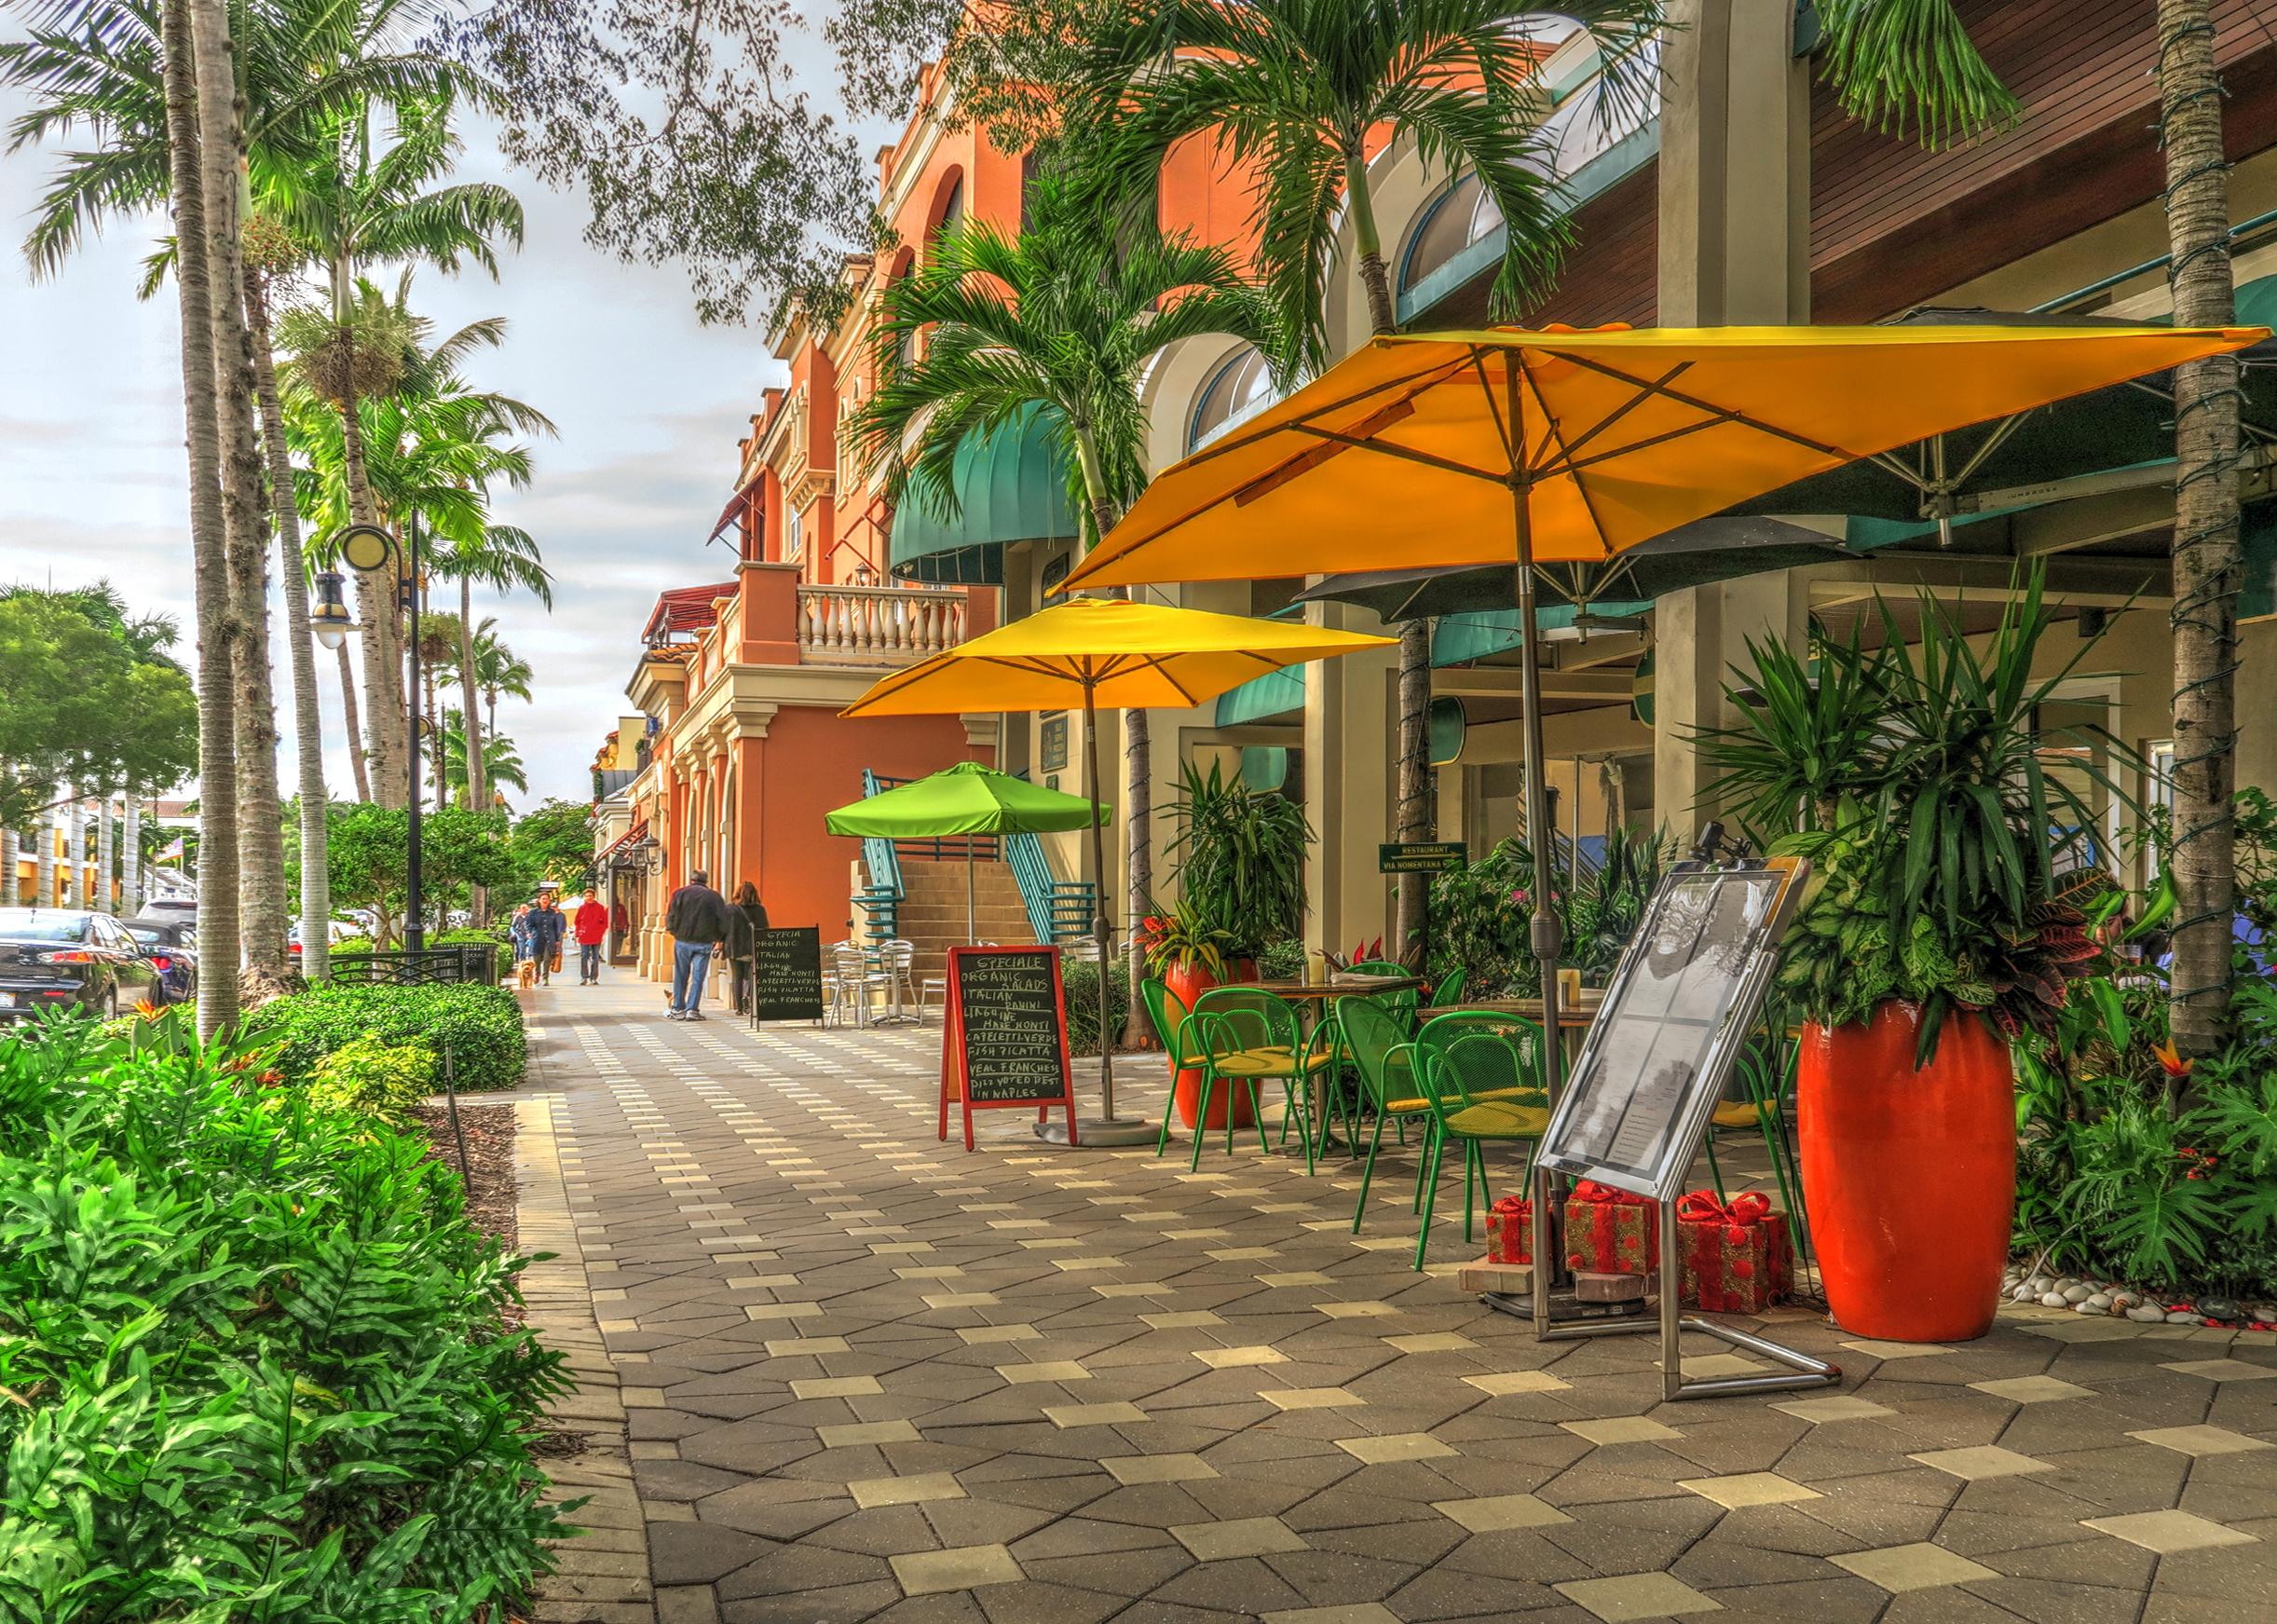 وجهات سياحية للزيارة في فلوريدا صيف 2021